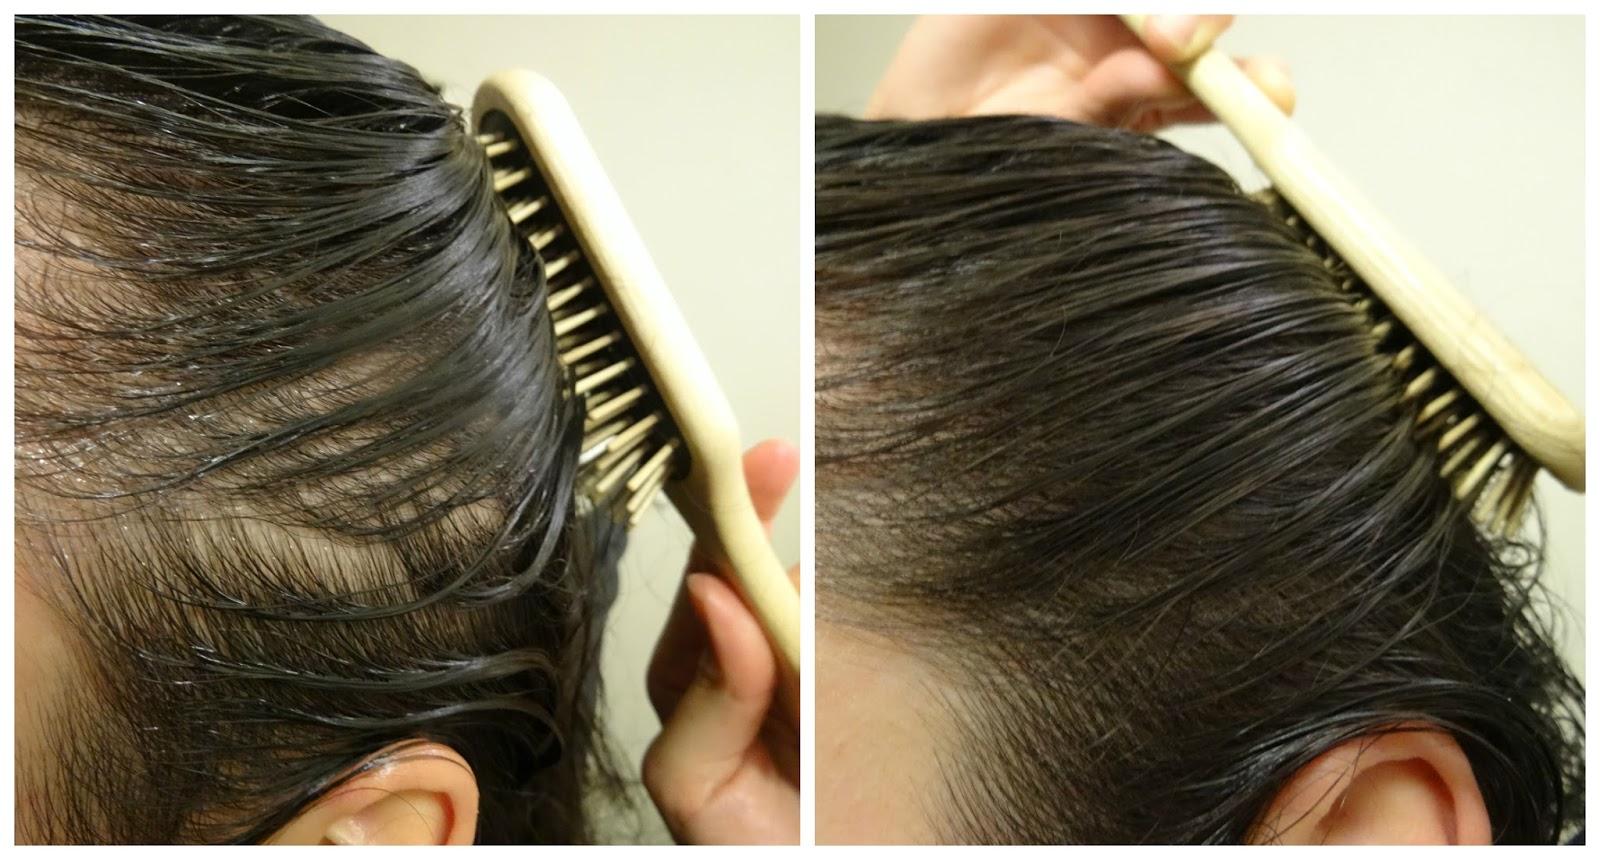 Remède naturel pour soigner la perte des cheveux et stimuler leur croissance - Remède naturel pour soigner la perte des cheveux et stimuler leur croissance